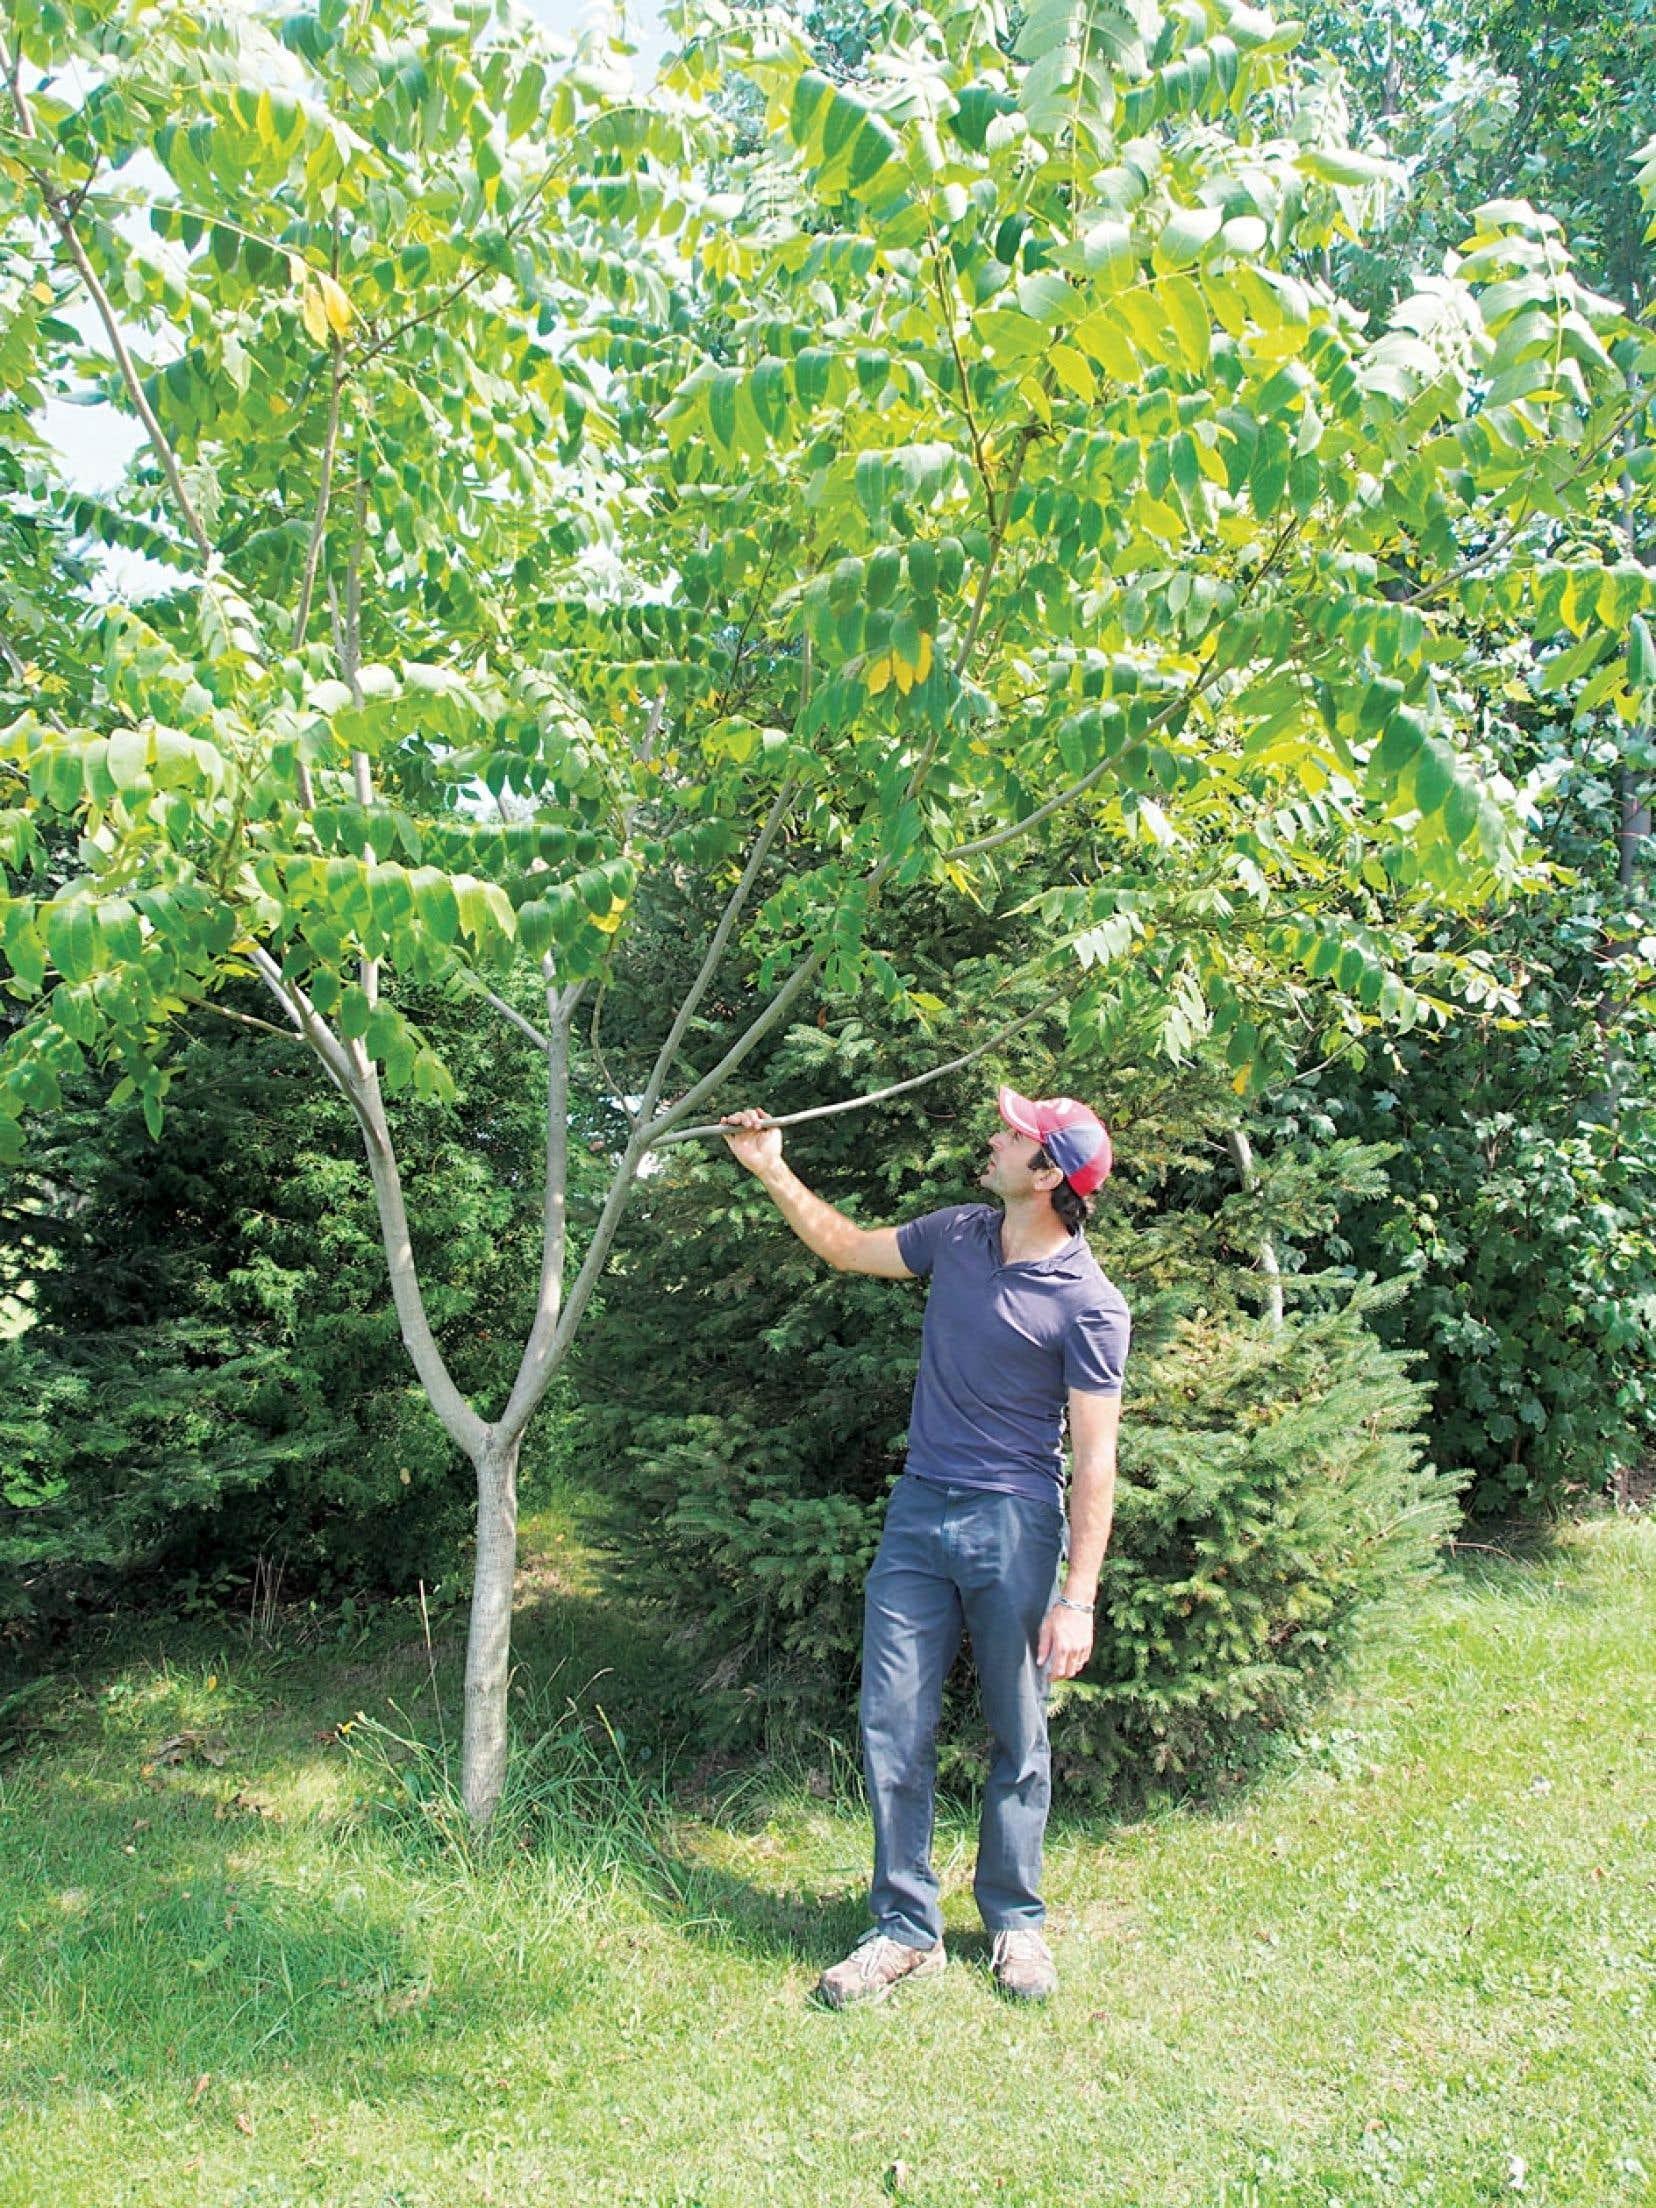 Marc-Olivier Harvey, propriétaire de la Pépinière Casse-Noisette, a pris le parti de nous faire découvrir des arbres à valeur ajoutée, en particulier les arbres à noix.